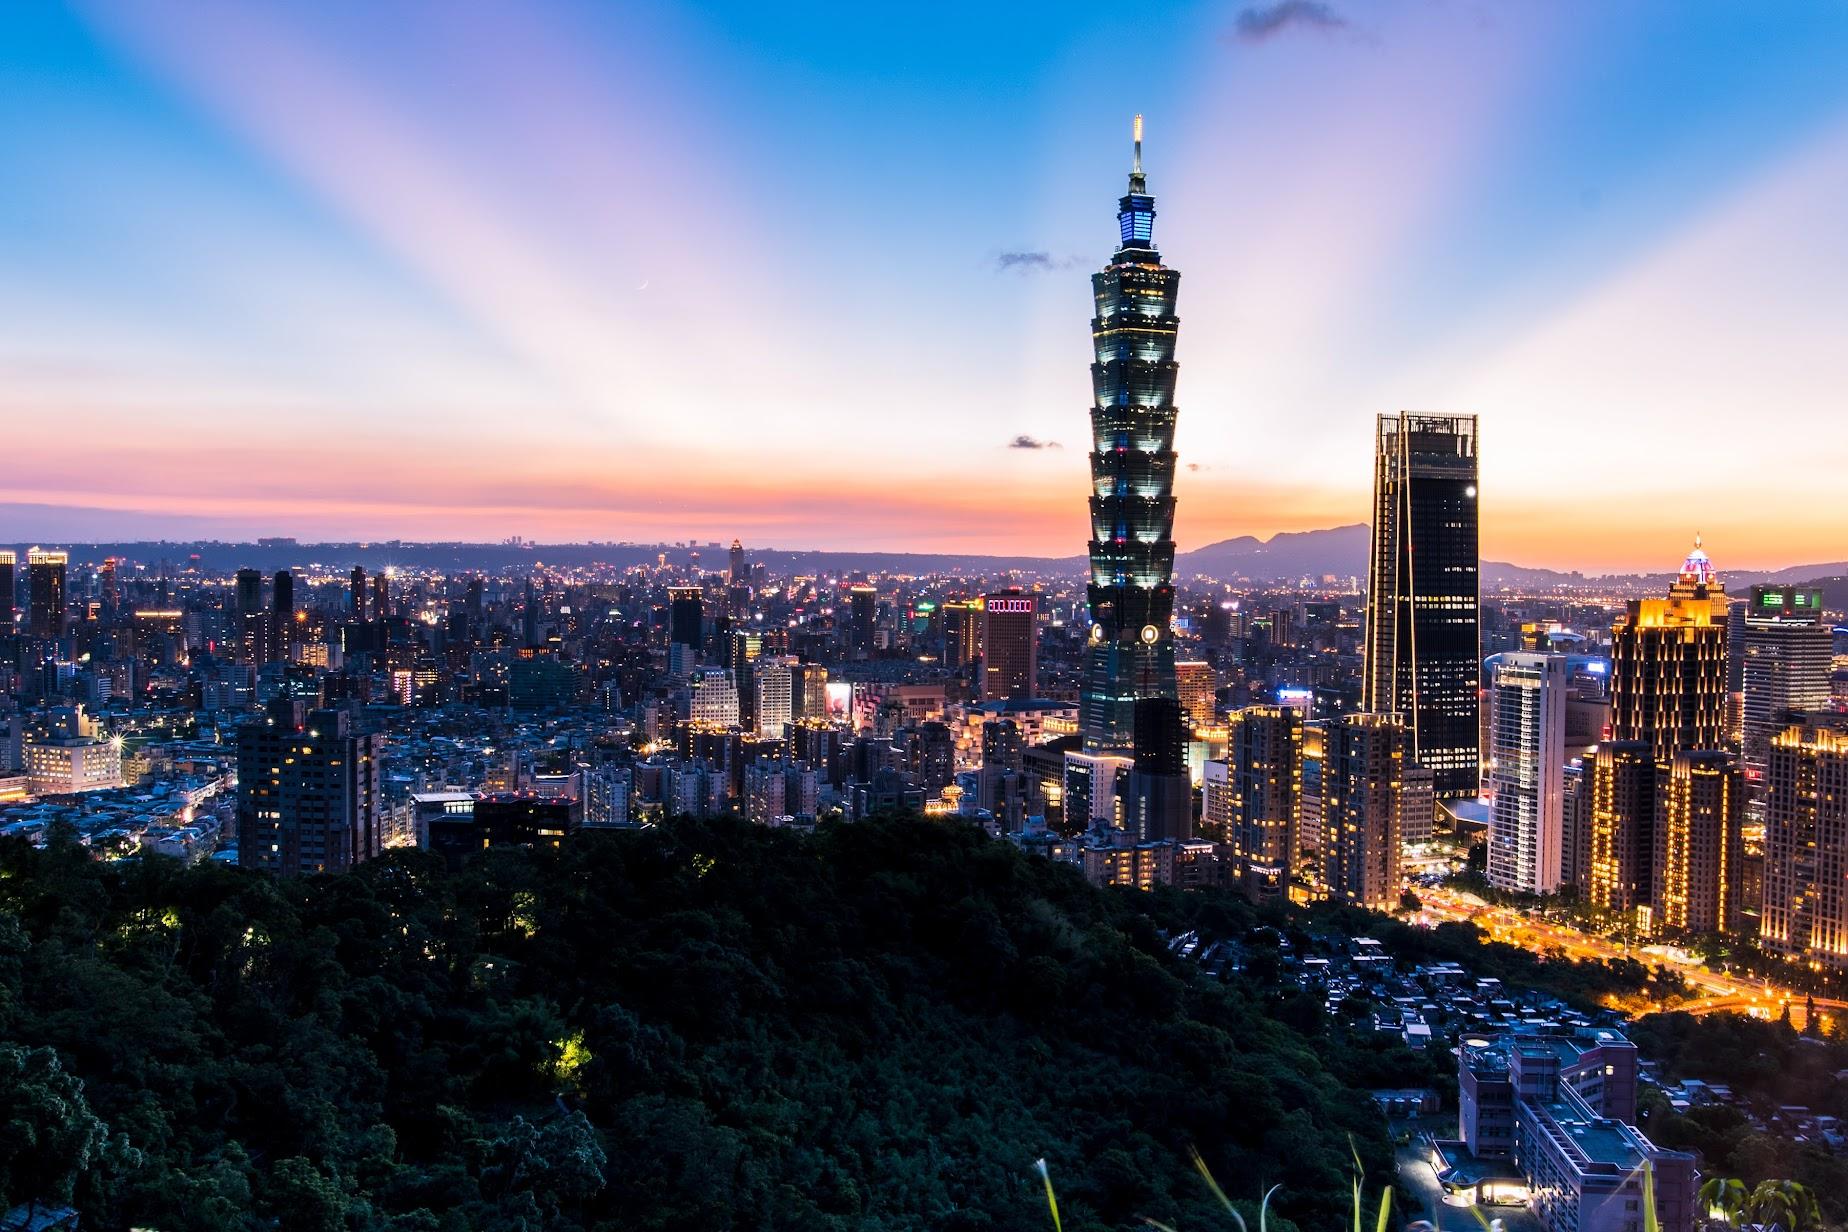 [臺北] 臺北夜拍景點攻略 搭乘捷運看臺北夜景 - 大男孩的相機旅行